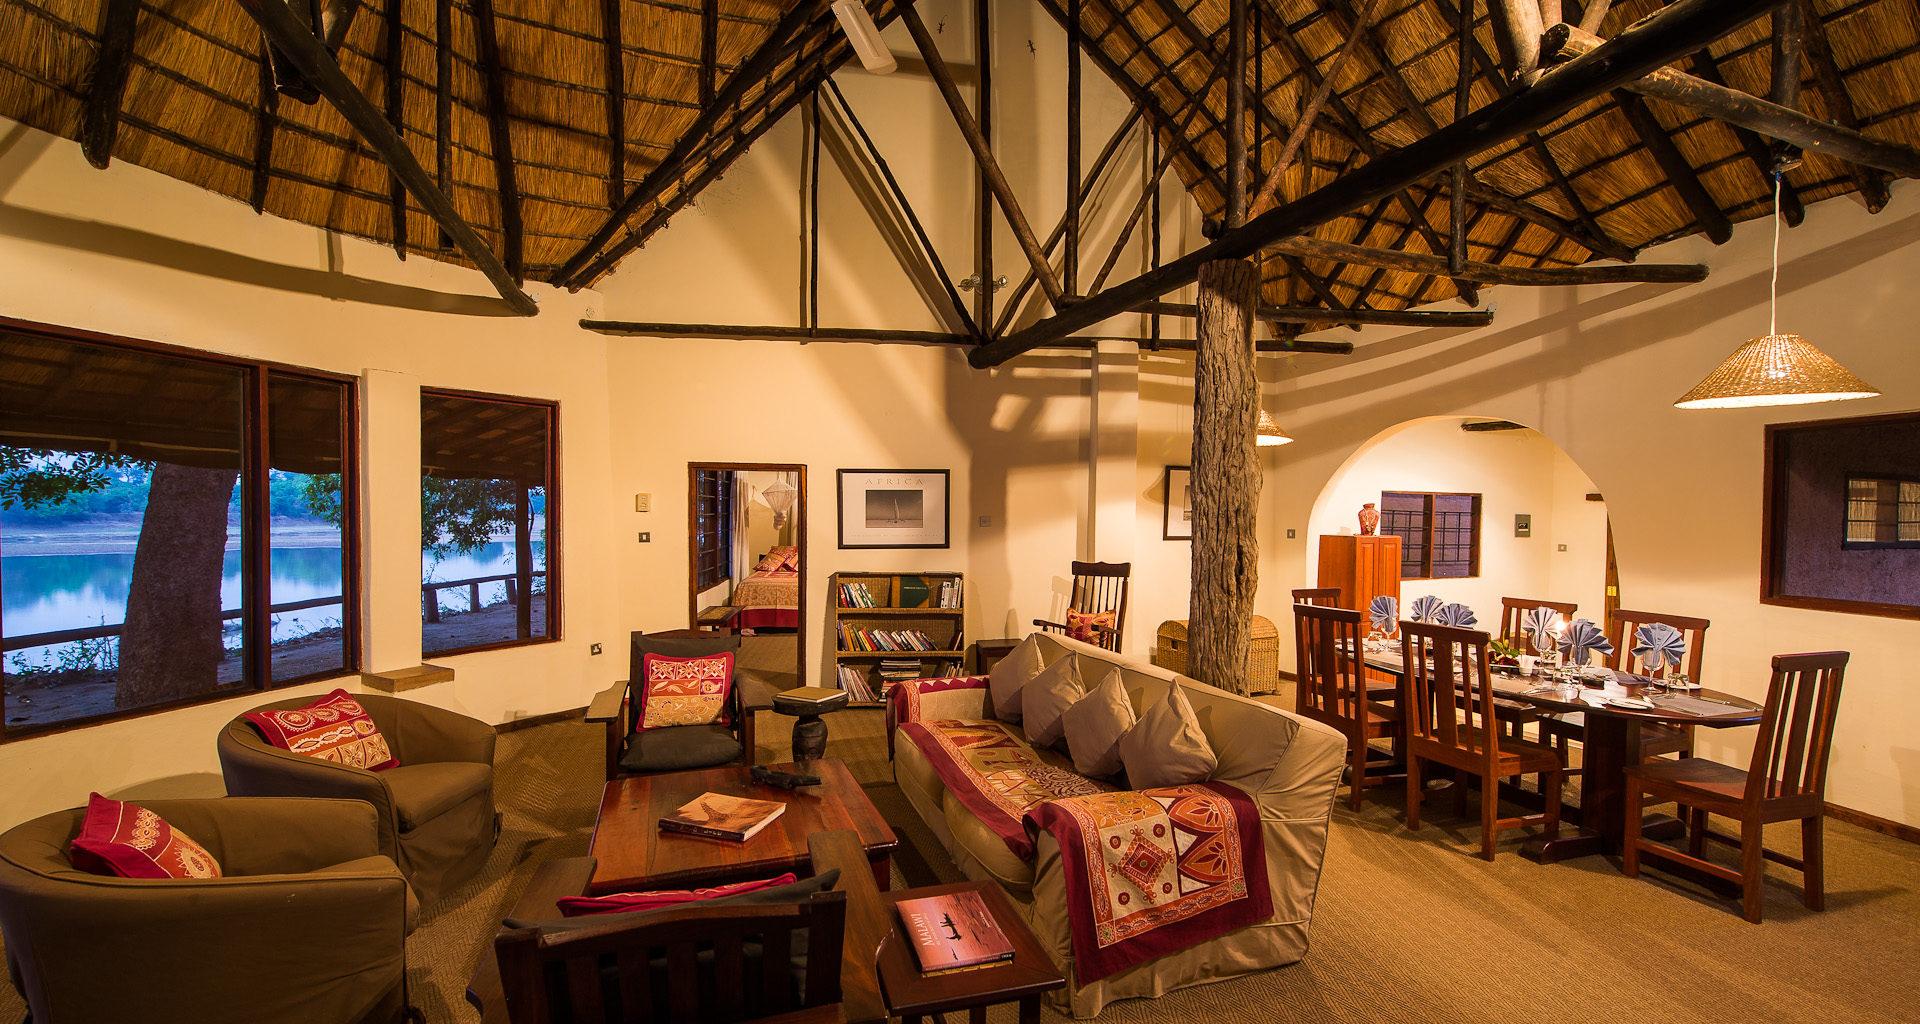 Robins-House-Zambia lounge